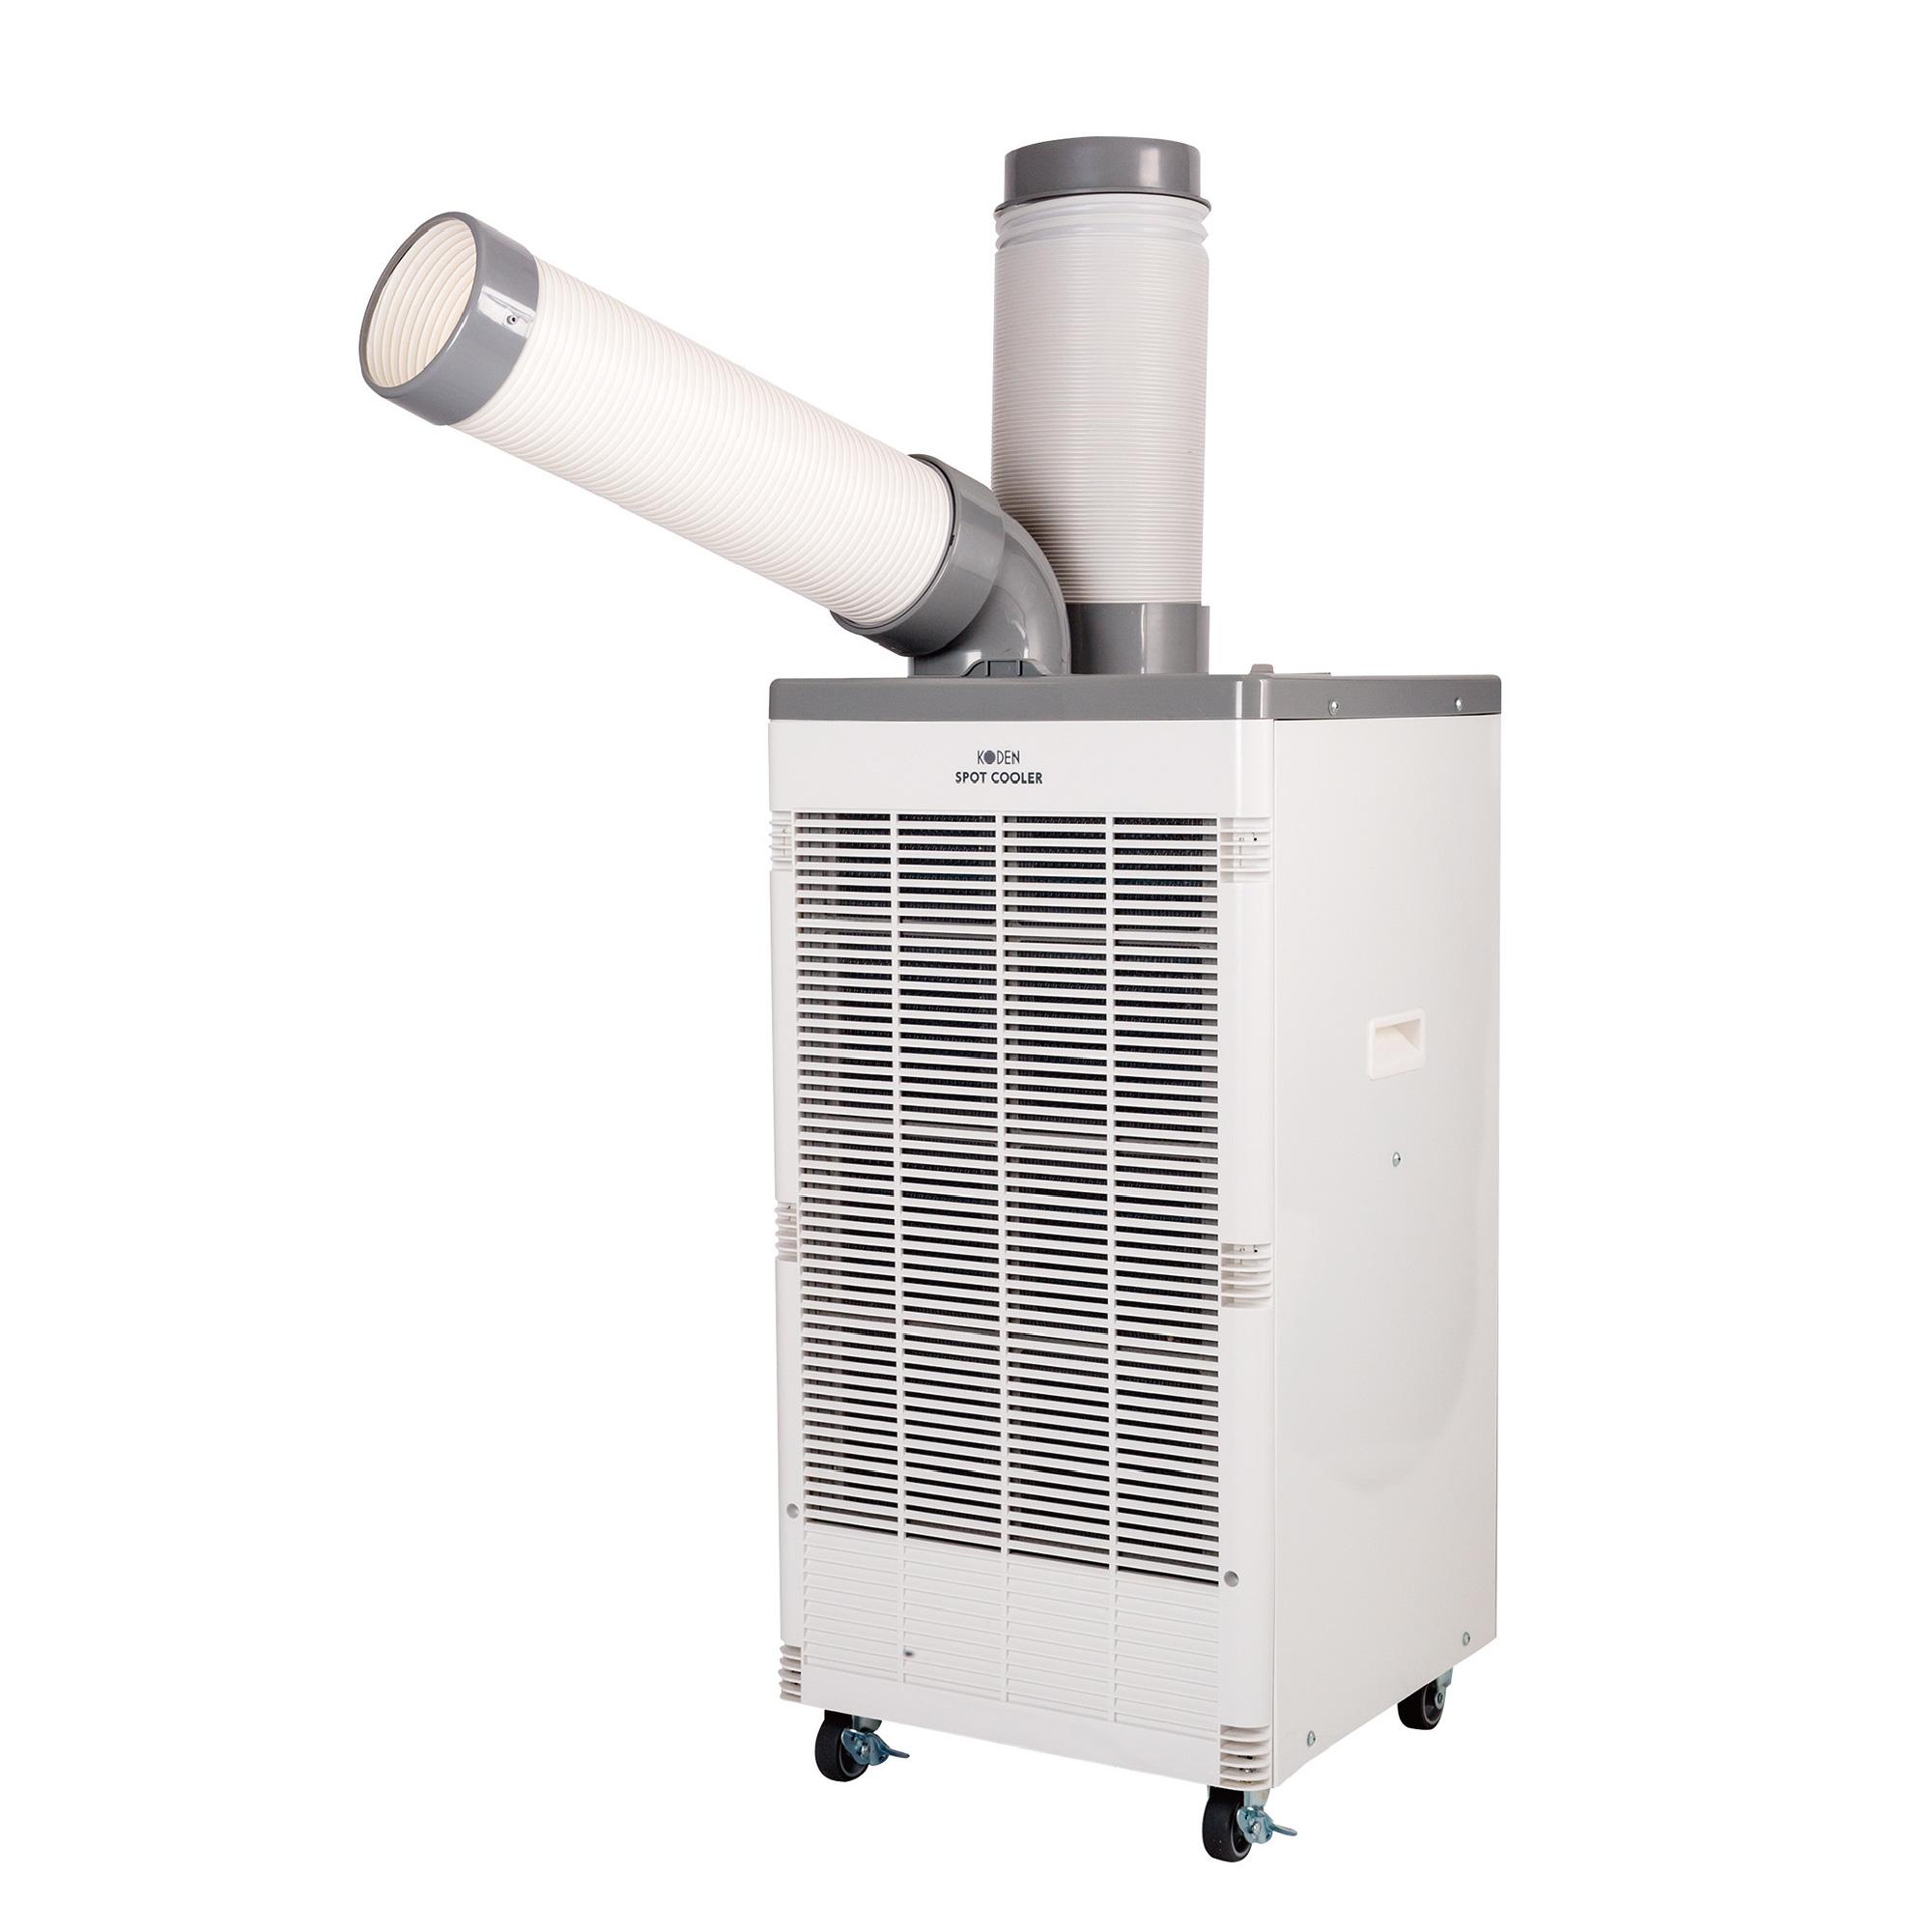 スポットエアコン 情熱セール 移動式 自動首振り 局所 冷房 送風 業務用 キャスター付 ドレンホース 暑さ対策 熱中症対策 冷風 ドレンホース付 省ドレン設計 広電 クリアランスsale 期間限定 エアフィルター付 KSA250D コウデン スポットクーラー 工事不要 排熱ダクト付